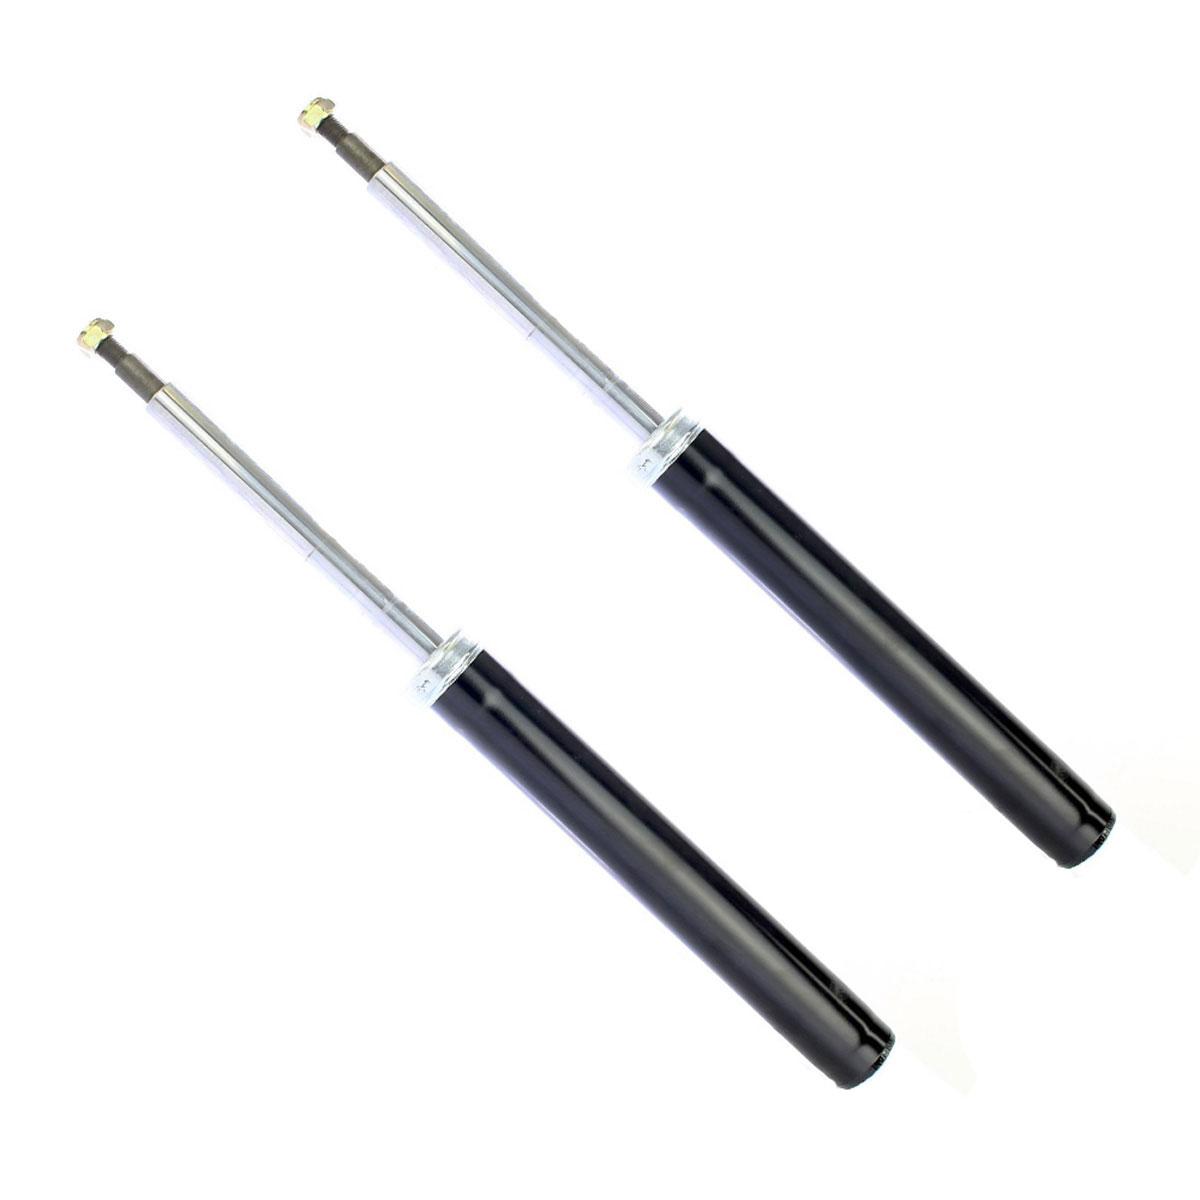 2 x Gasdruck Stossdämpfer Gas Vorne für Audi 80 90 B2 B3 B4 81 89 8C 8G, SD09505